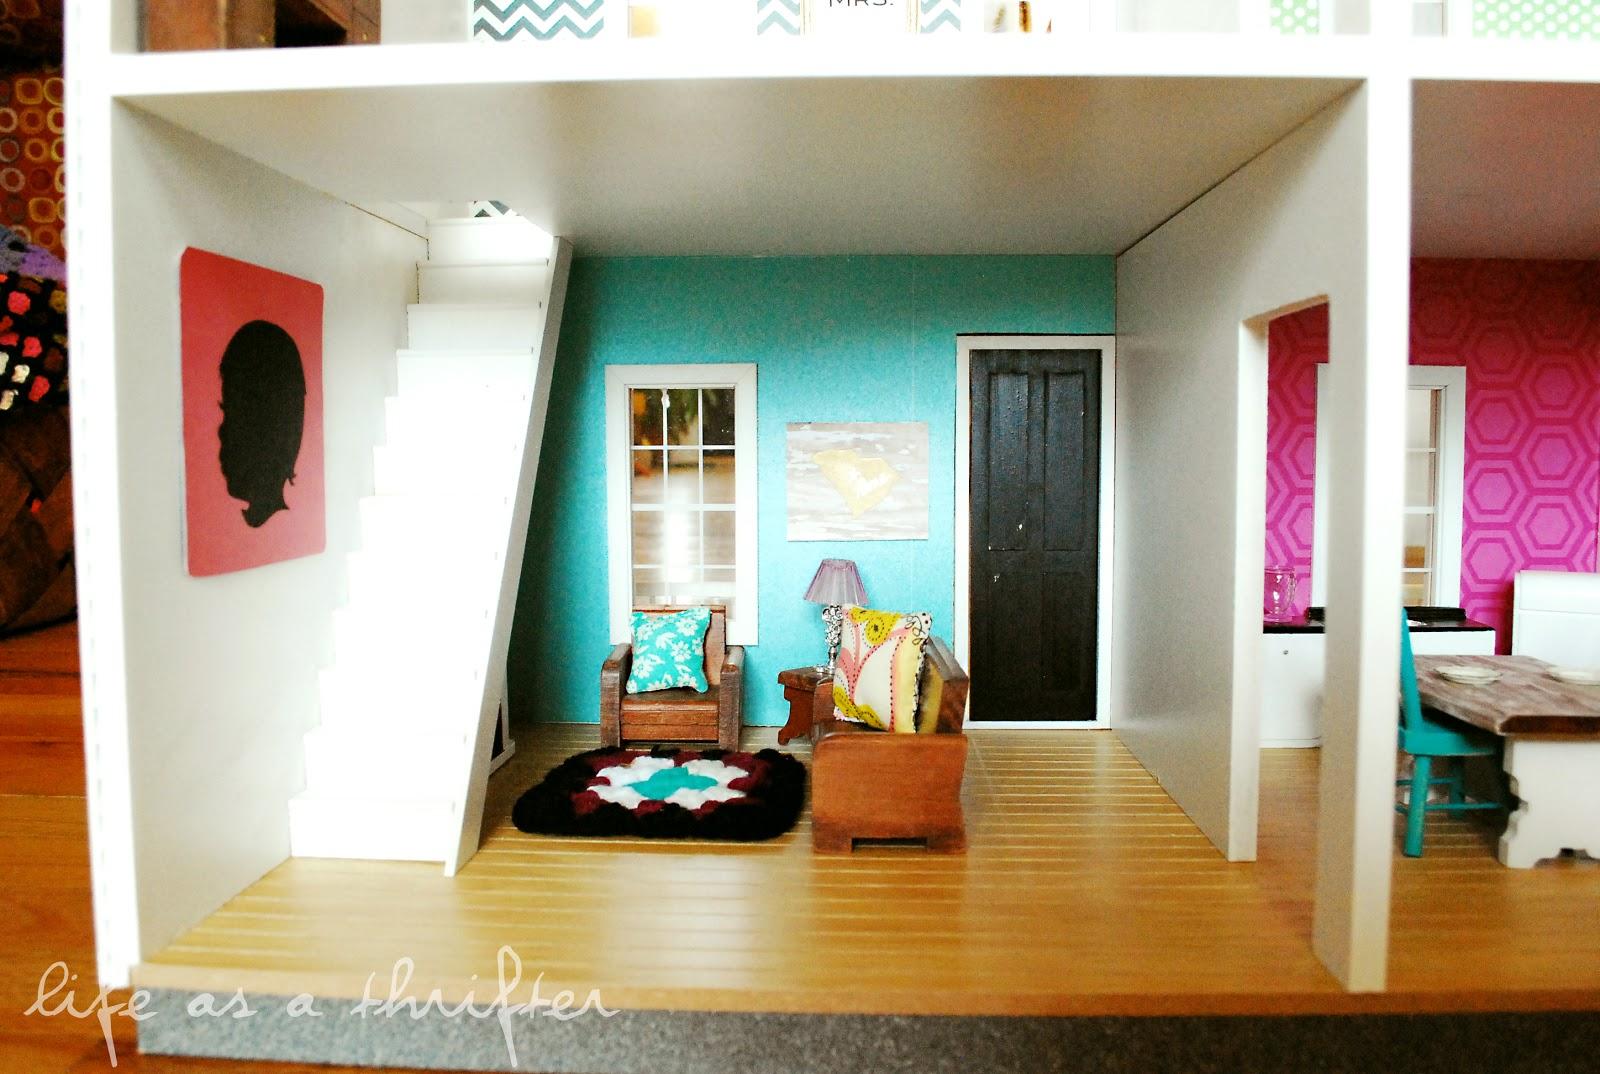 http://2.bp.blogspot.com/-2tRtl6pKoaw/UODqnksqrzI/AAAAAAAALL4/phnurKjPfzg/s1600/Dollhouse+14.jpg